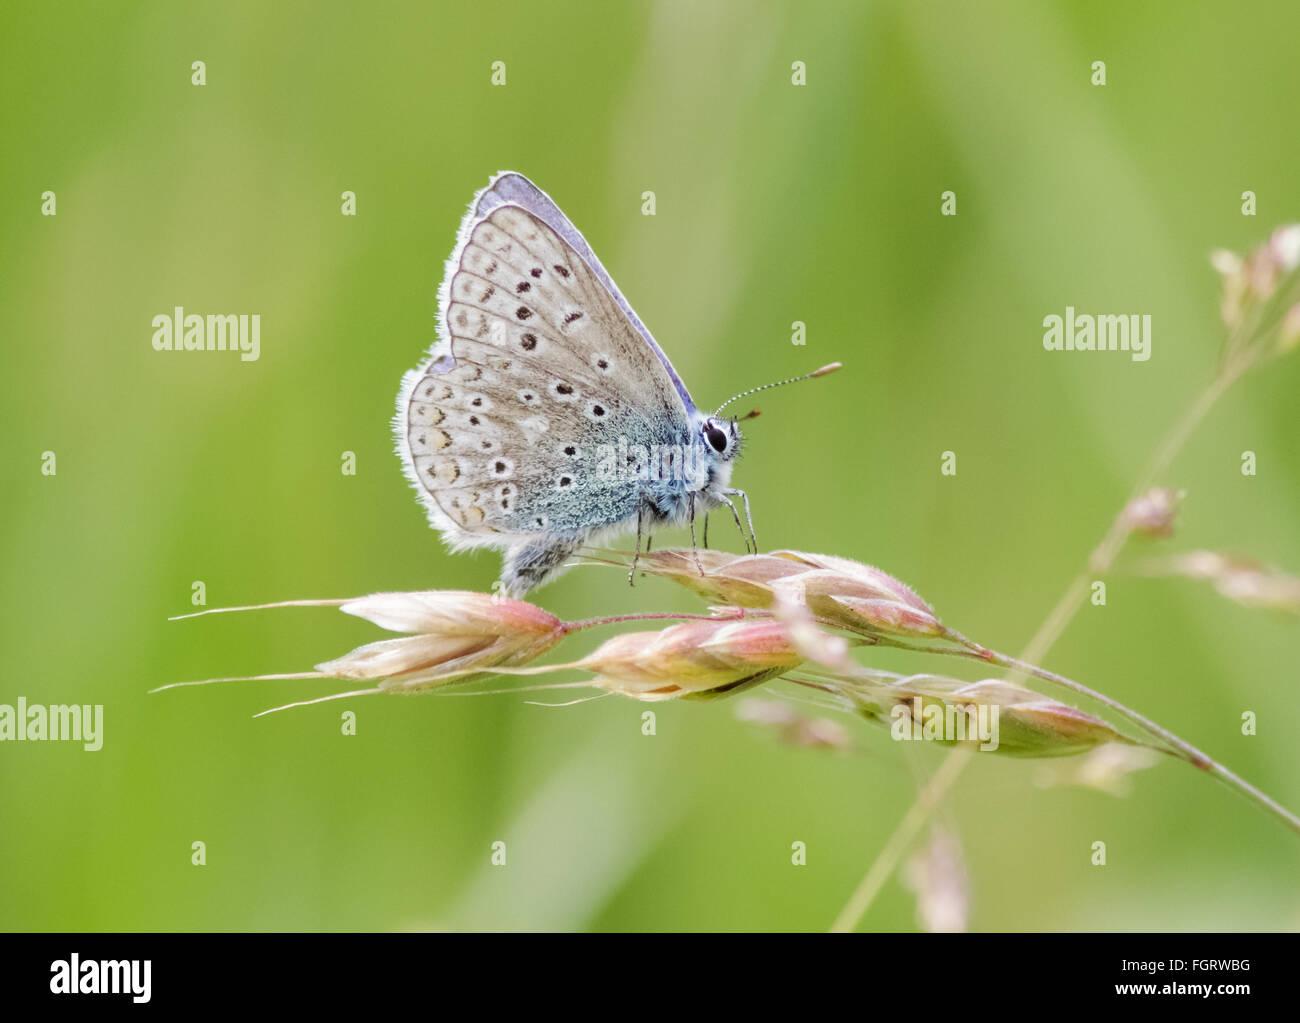 Macho azul común (mariposa Polyommatus icarus) encaramado en un tallo de hierba. Imagen De Stock